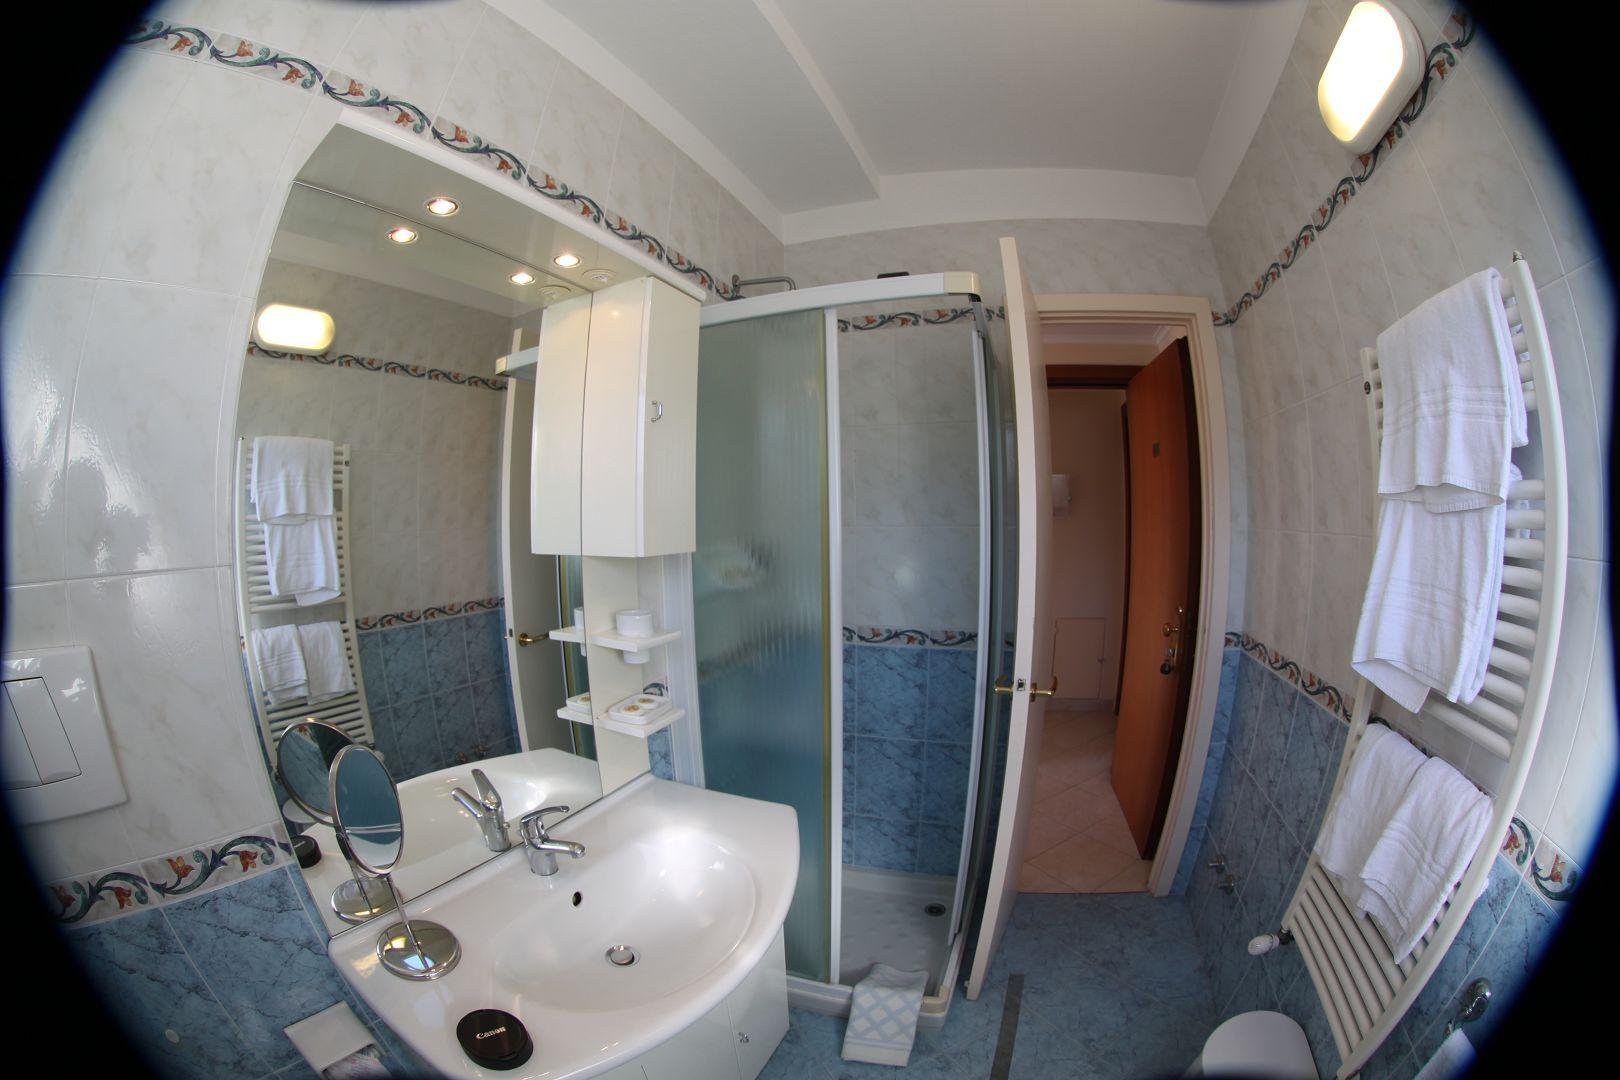 Hotel stella camera per 1 persona bagno grande letto - Bagno in francese ...